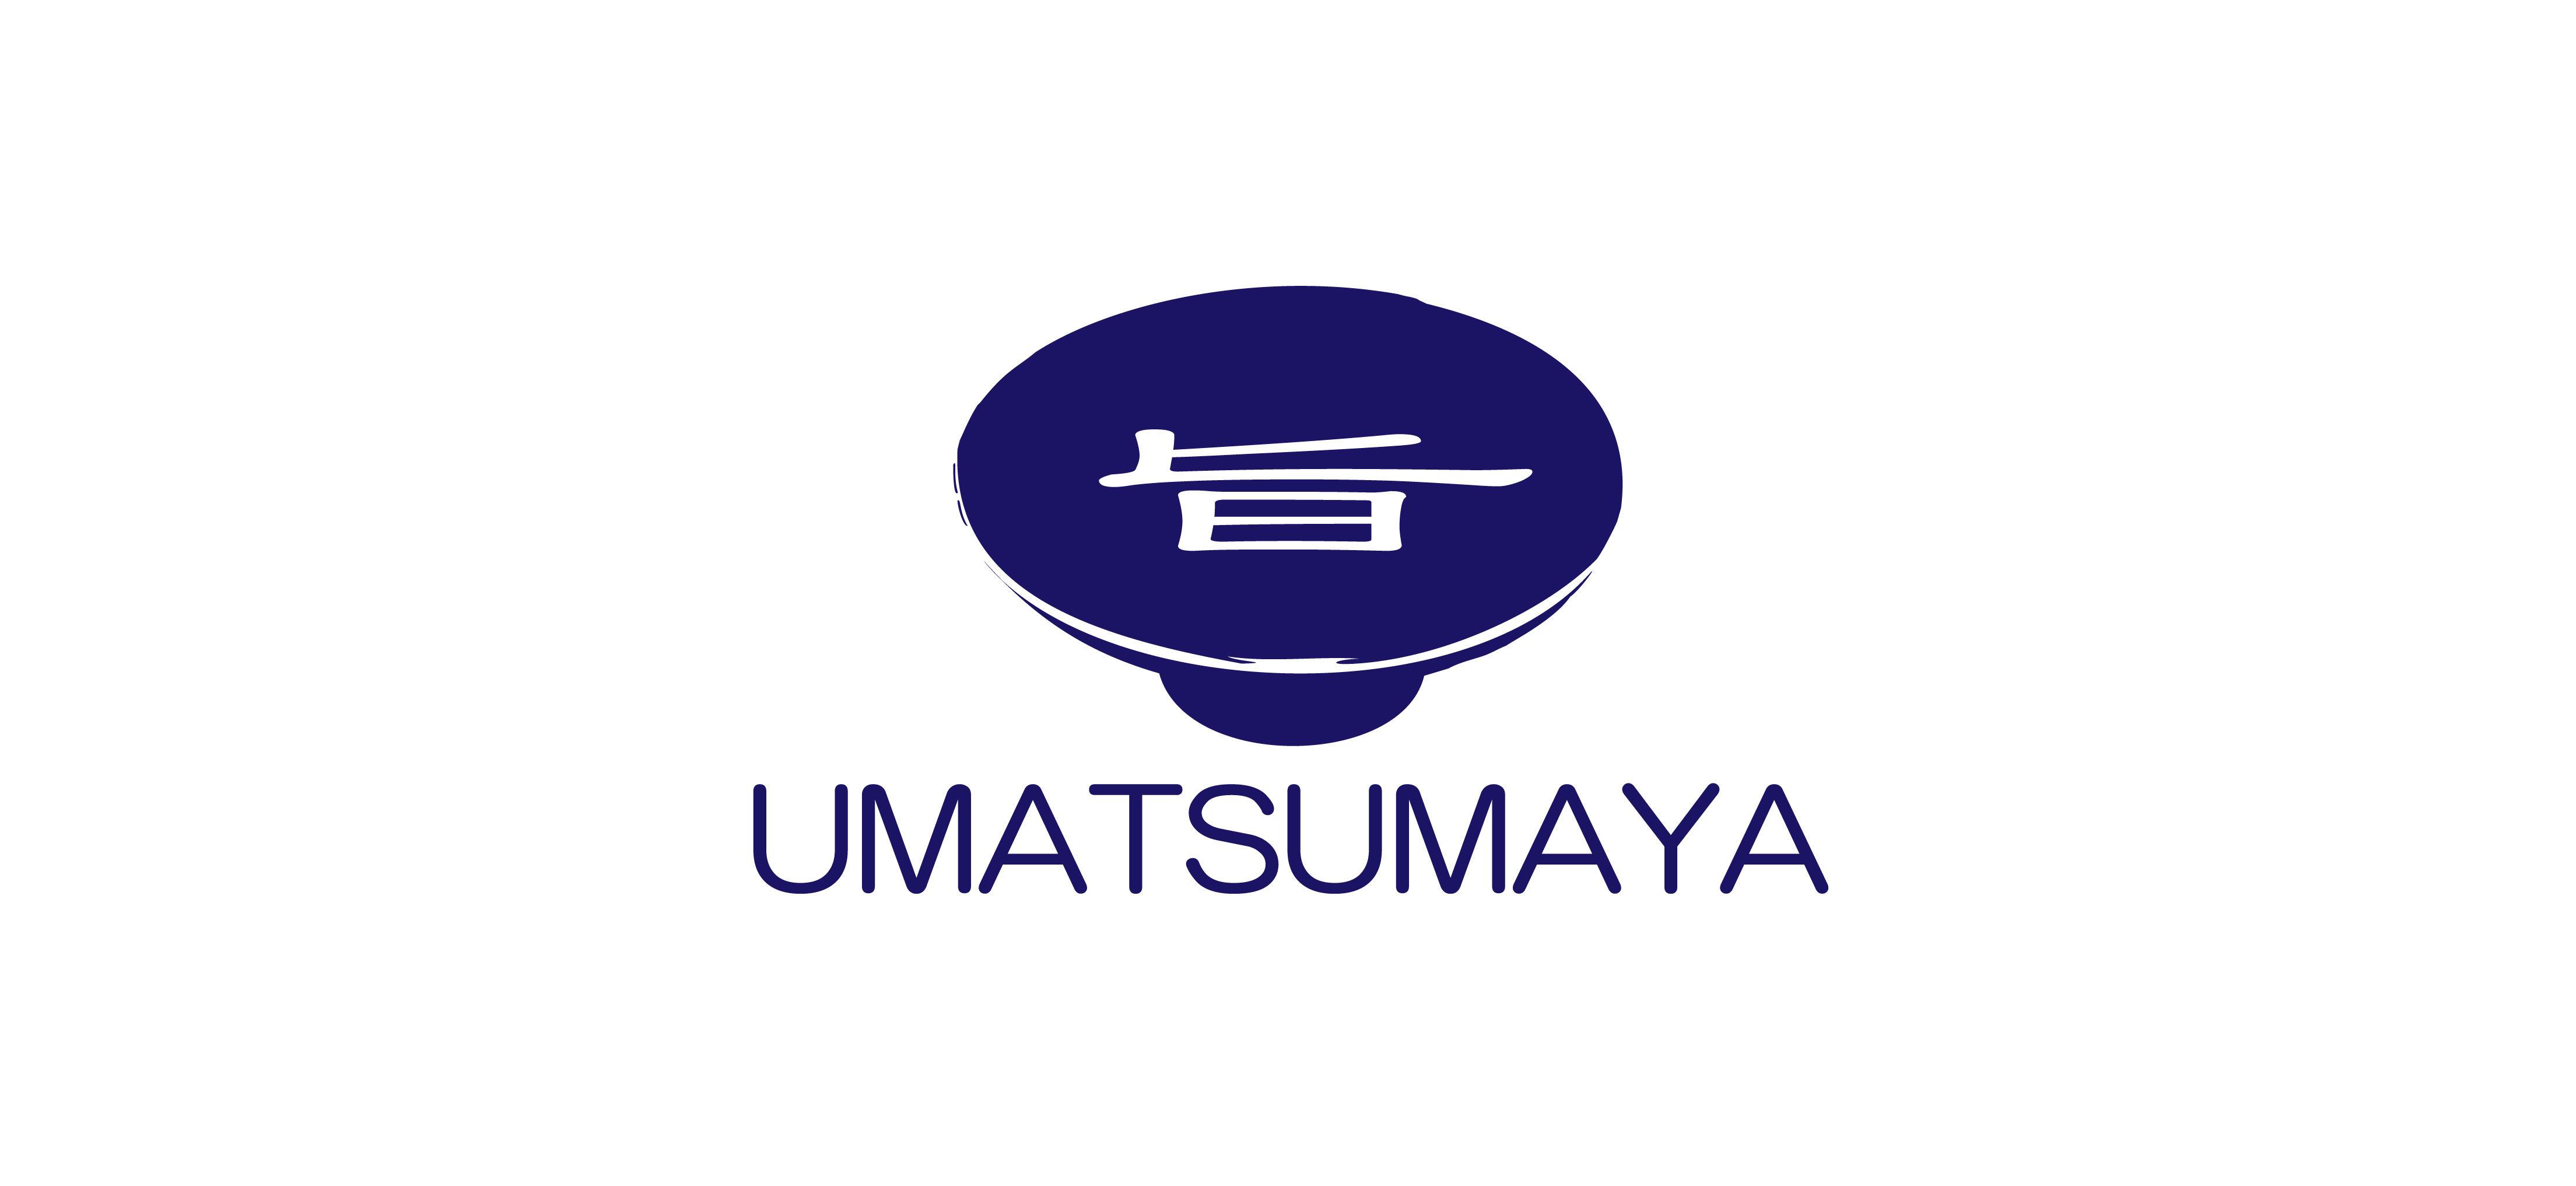 UMATSUMAYA